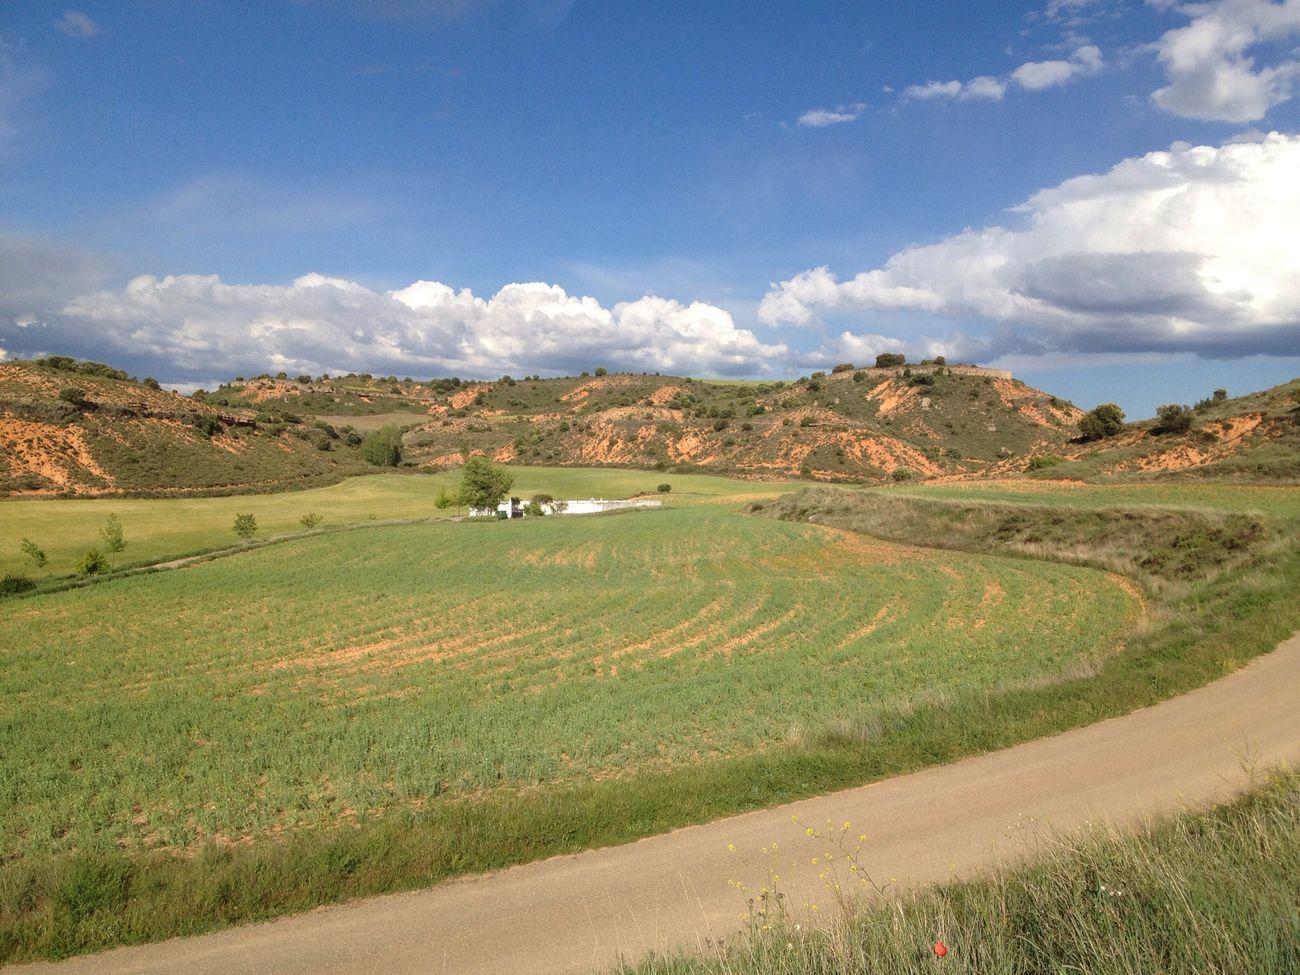 Cementerio en el paraíso. Moranchel, La Alcarria, Spain Viaje A La Alcarria